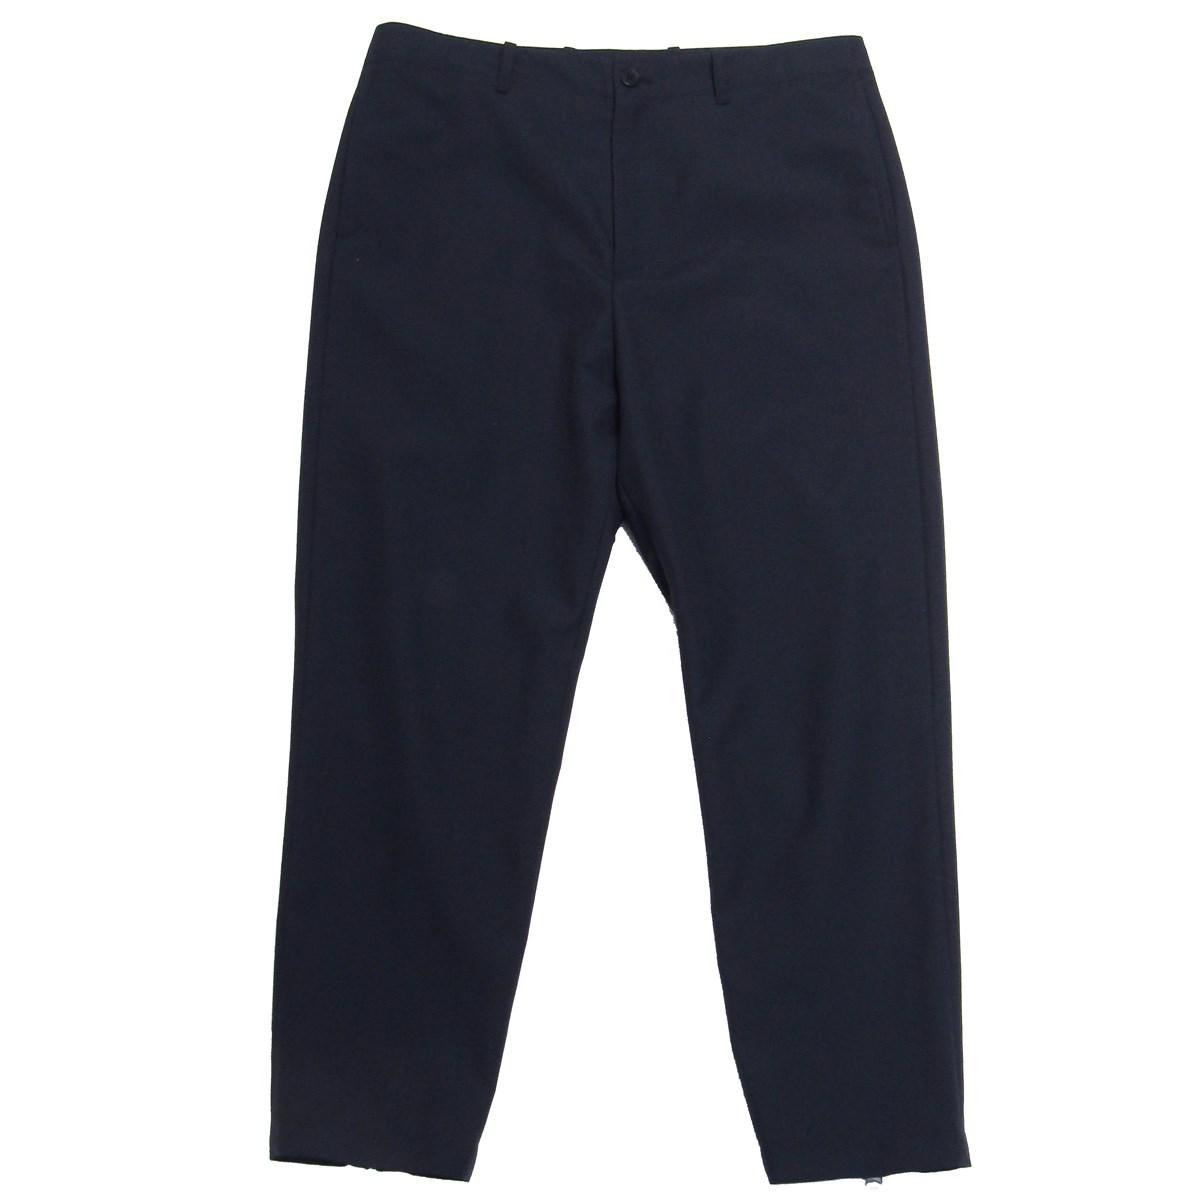 【中古】OAMC2020SS Virgin Wool Slim Trousers ジップスラックスパンツ ダークネイビー サイズ:31 【7月2日見直し】